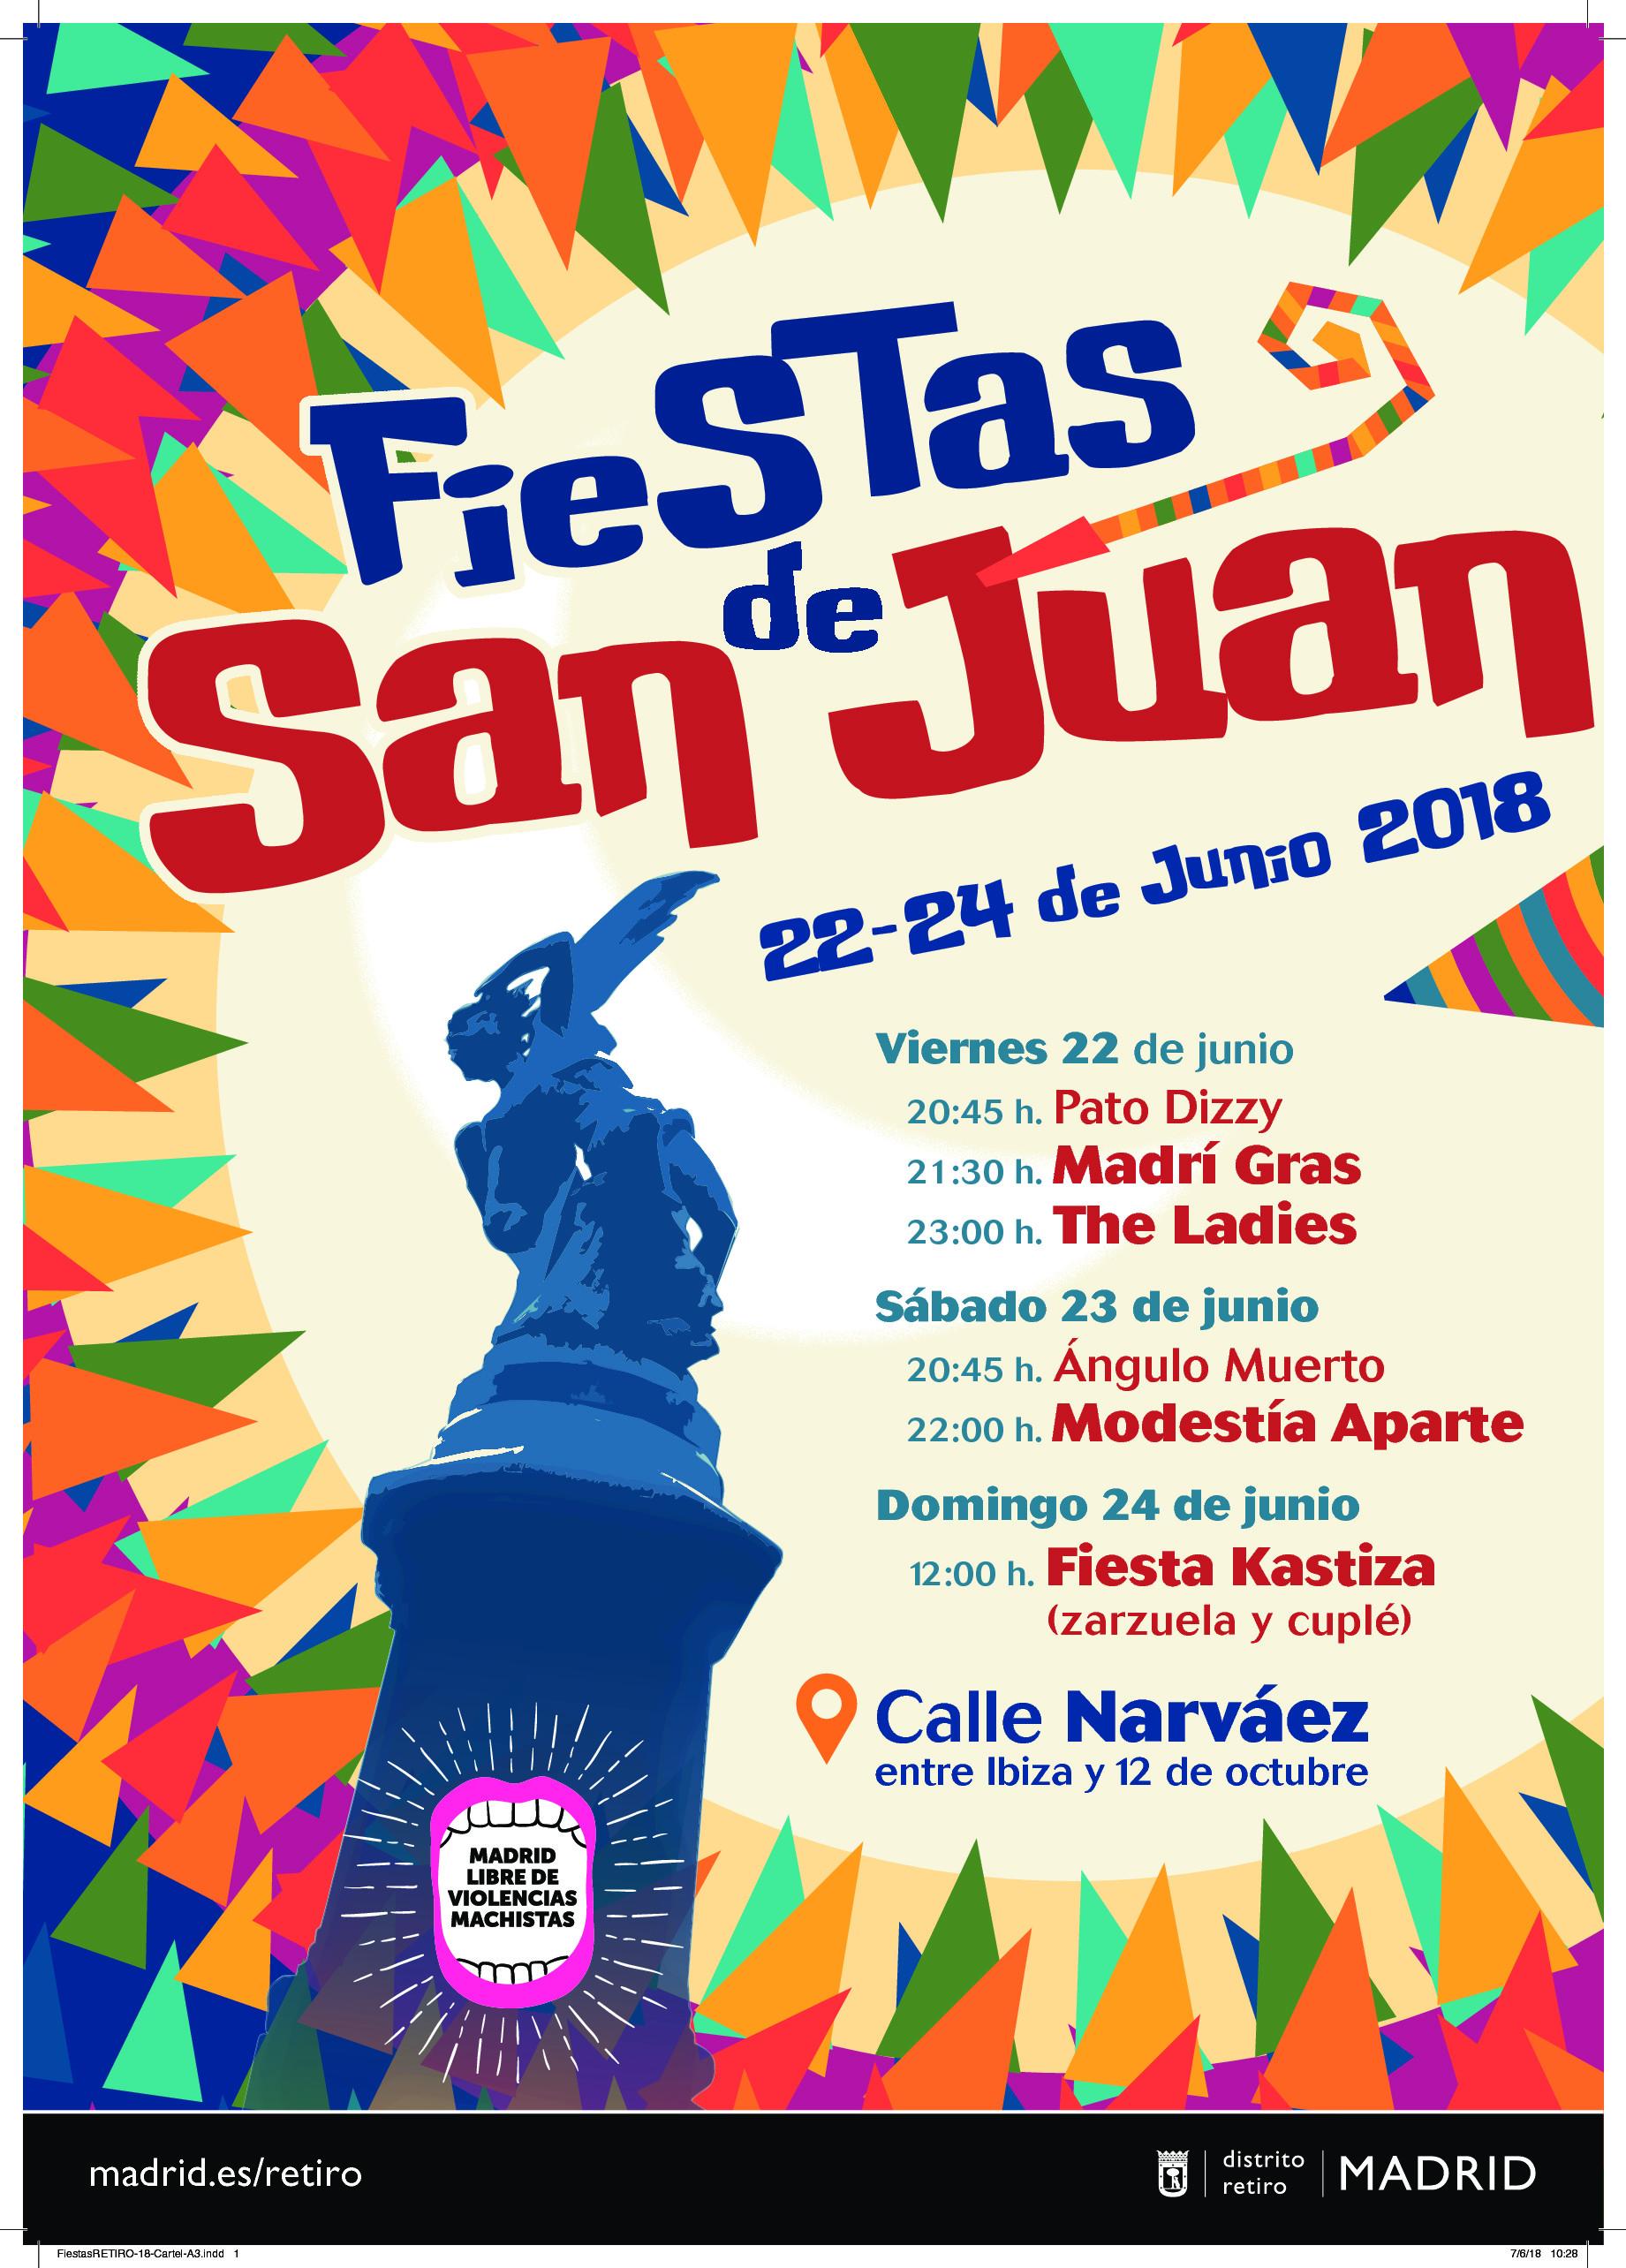 fiesta de san juan retiro - Solsticio de verano en Happening Madrid. Experiencias mágicas.